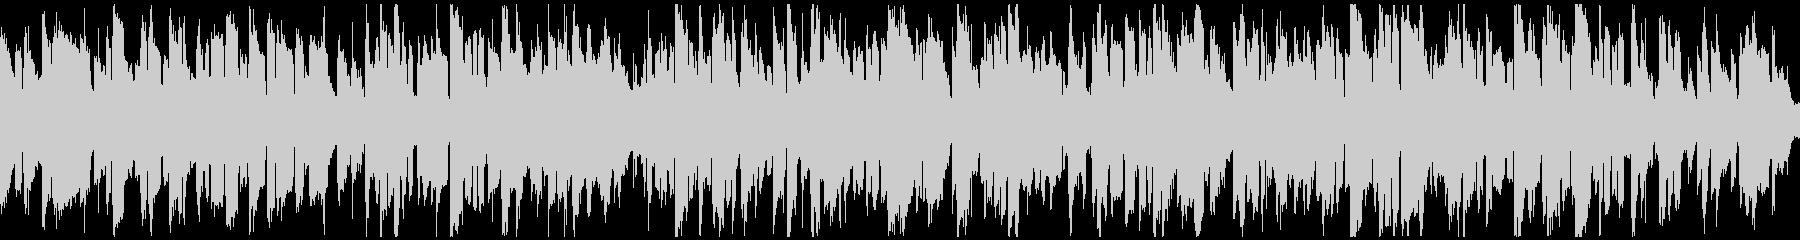 珍しいリコーダーのジャズ ※ループ仕様版の未再生の波形